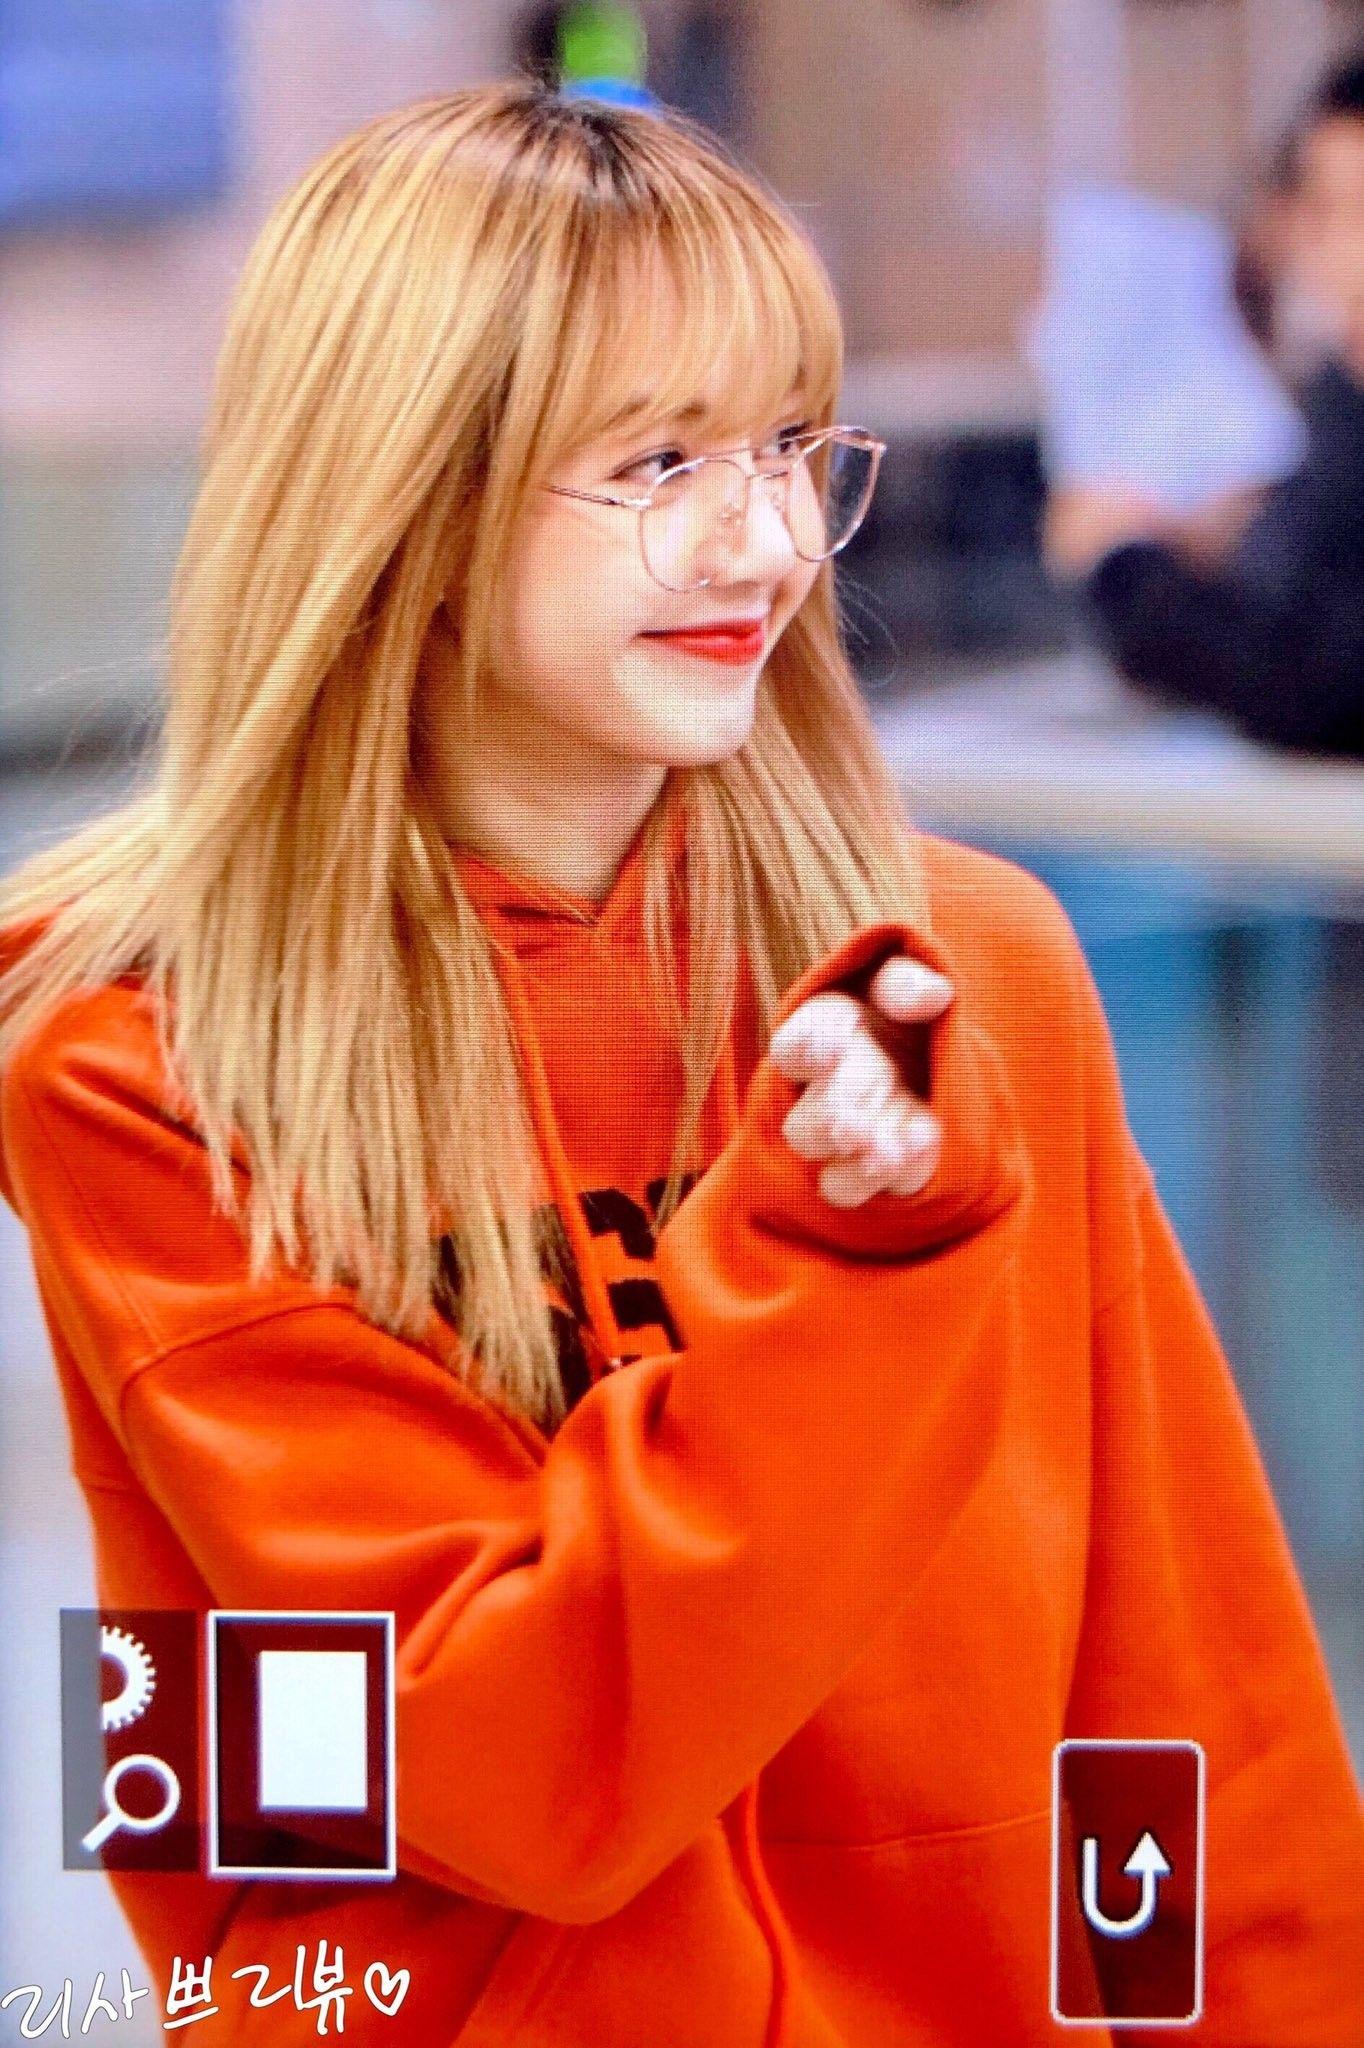 blackpinkrainbow_orange_lisa